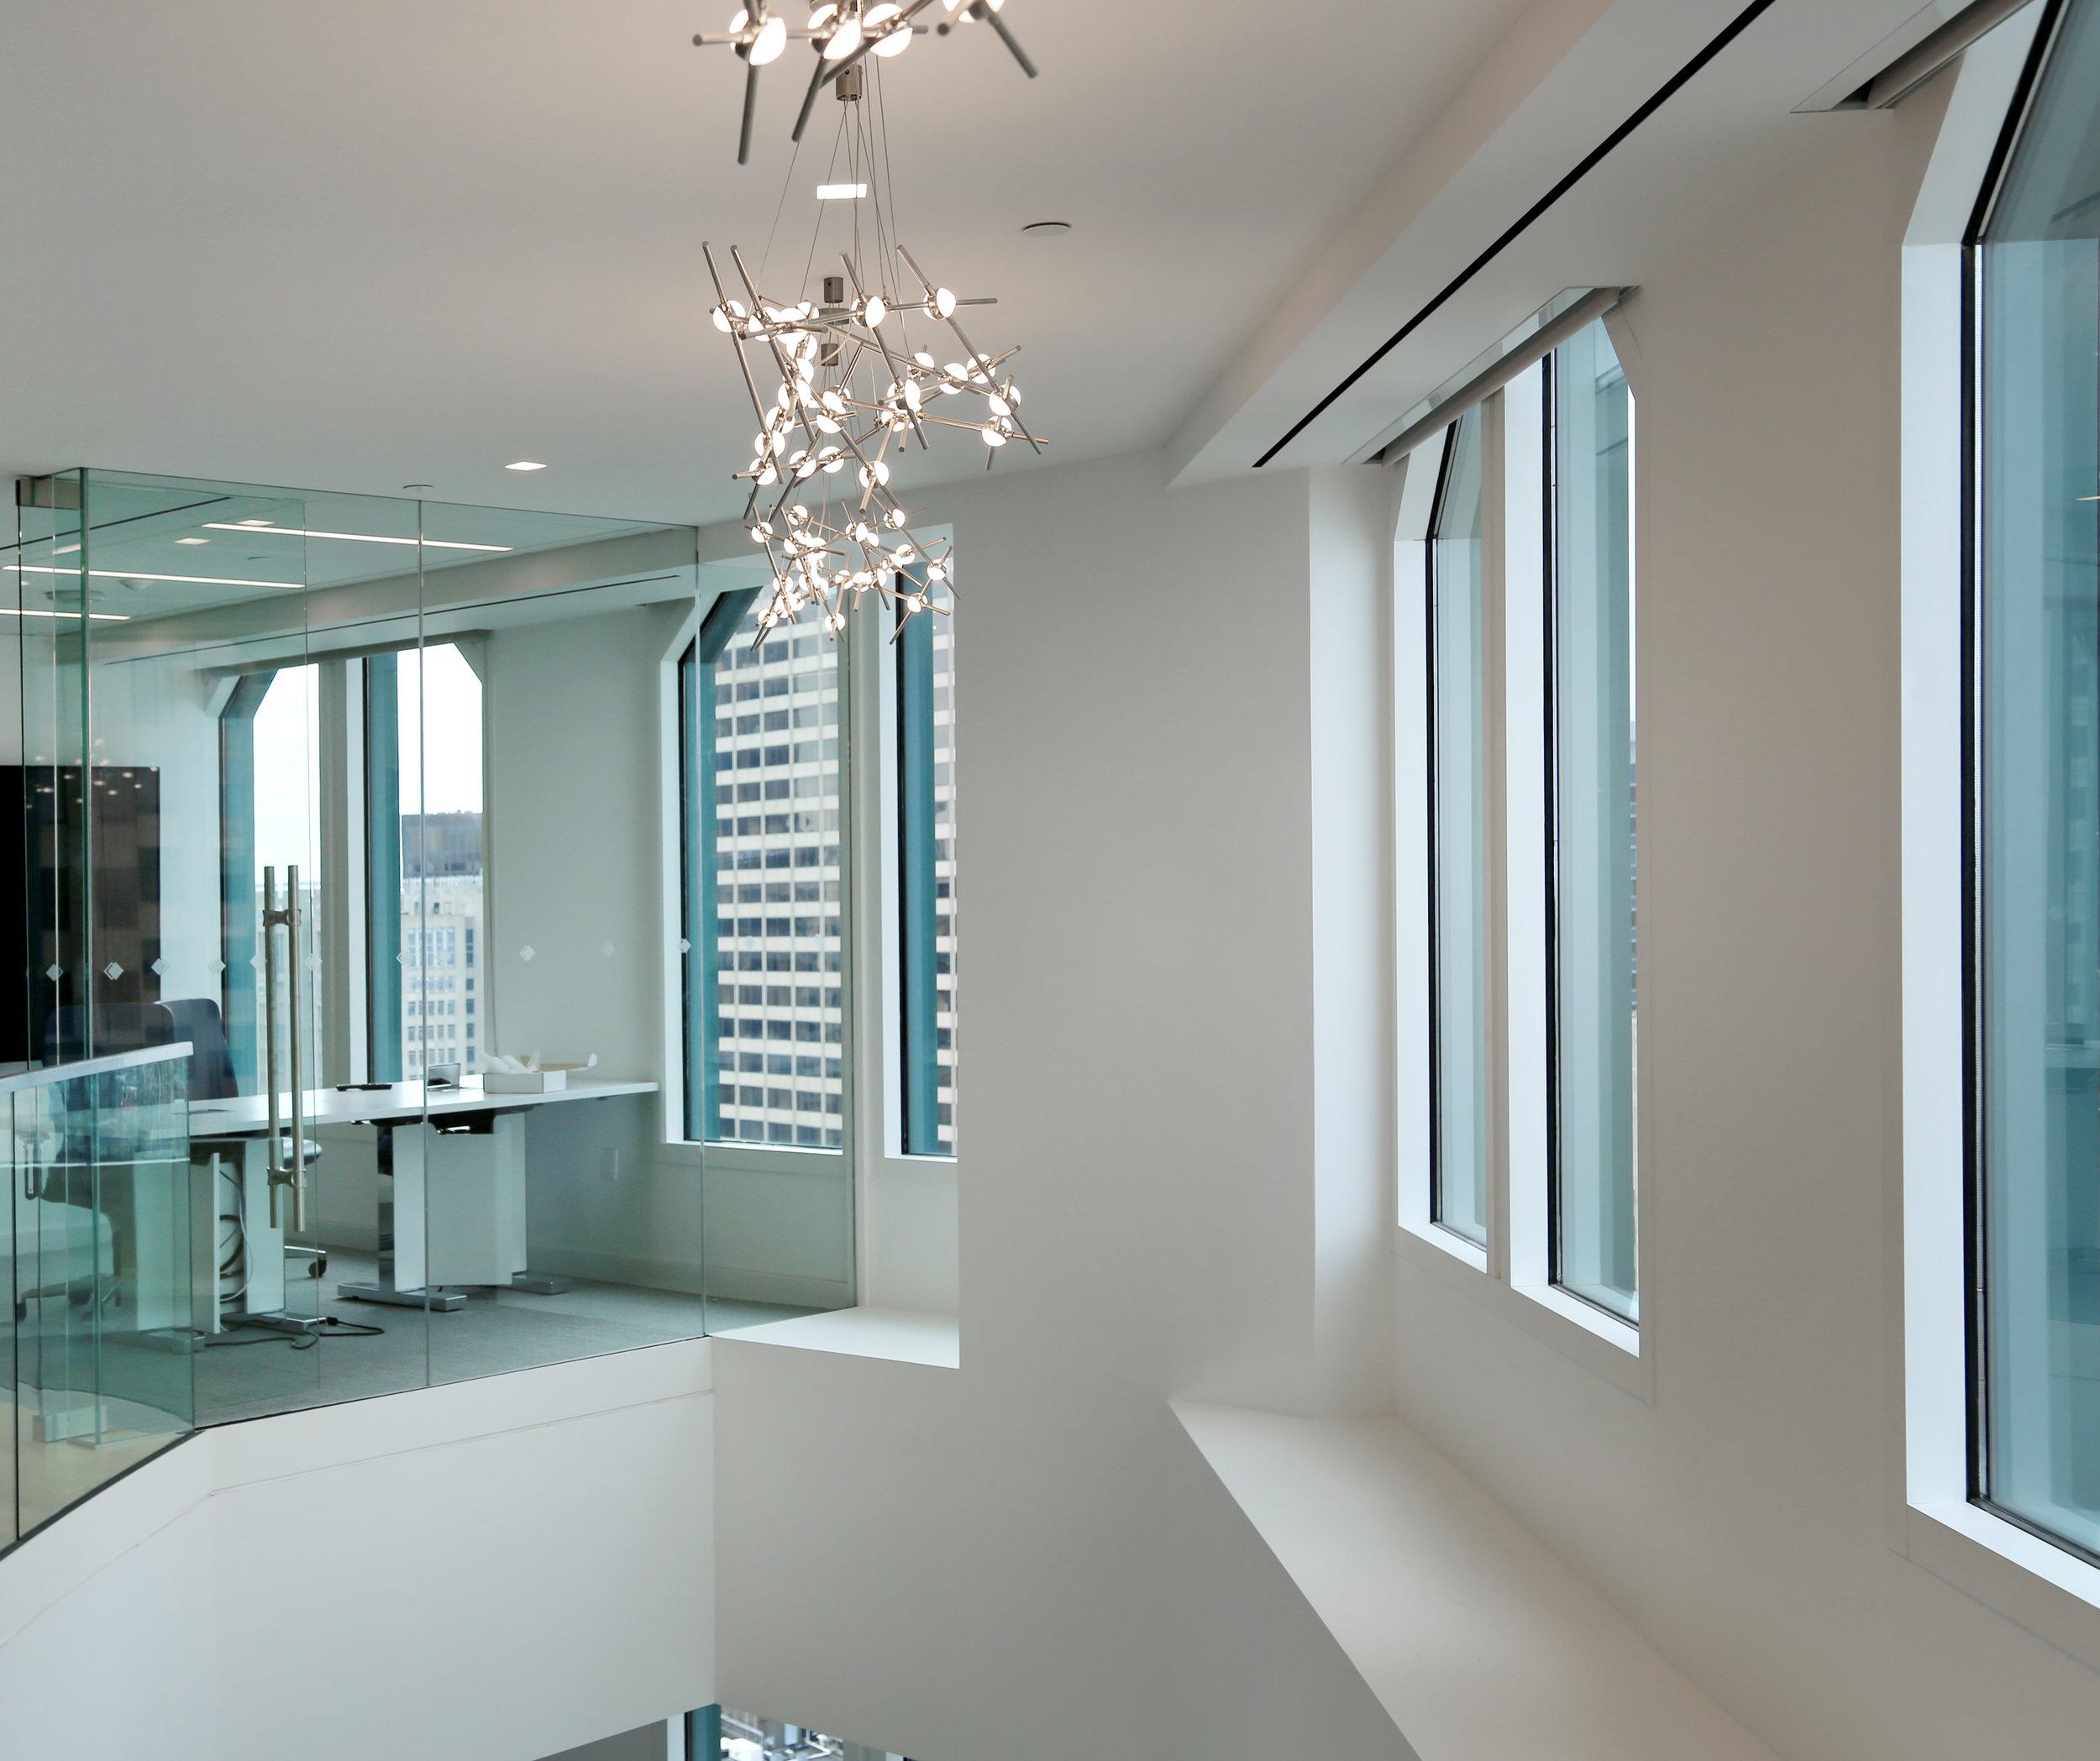 Frameless Glass Open to Below Office Wall - Spaceworks AI.jpg